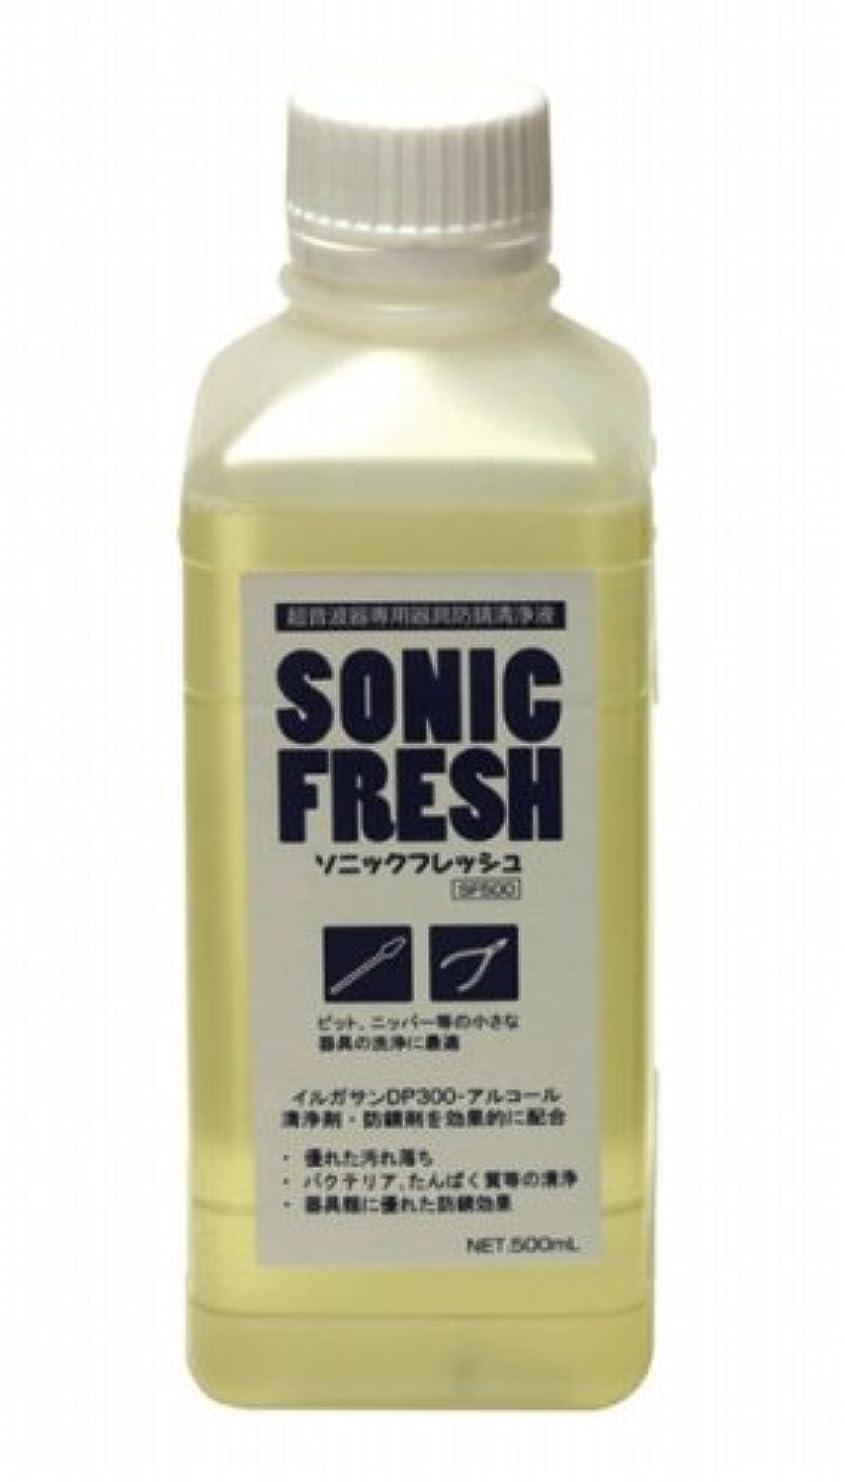 許容できる鹿持つ防錆洗浄液 ソニックフレッシュ SF500